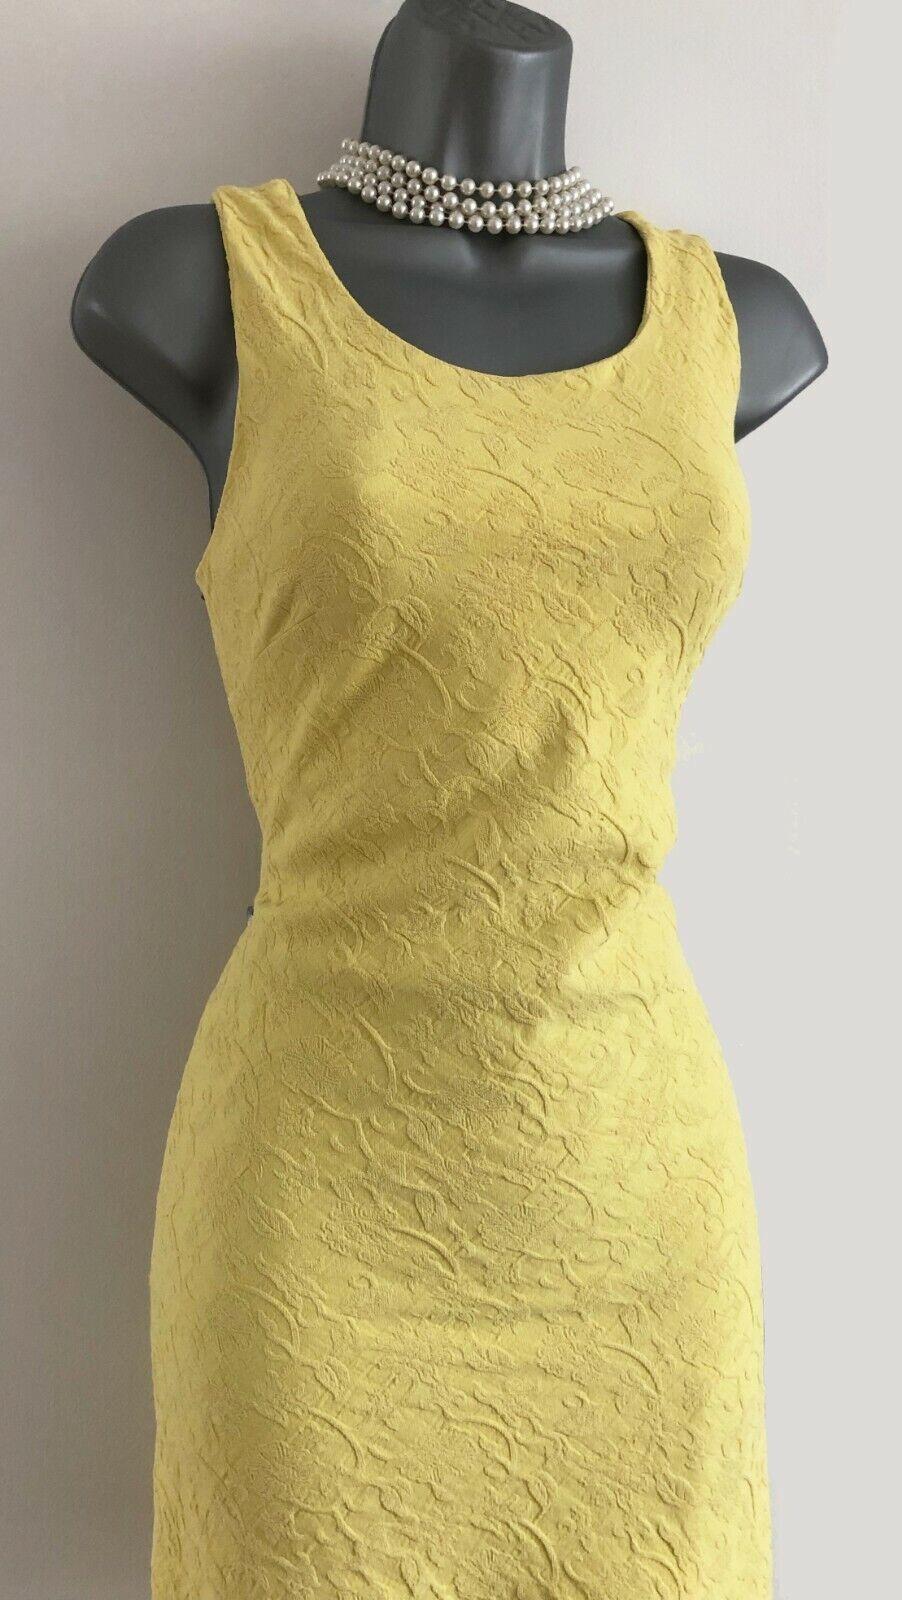 KAREN MILLEN 10 Vintage Gelb Jacquard Fit & Flare Everyday Prom Mini Dress 38